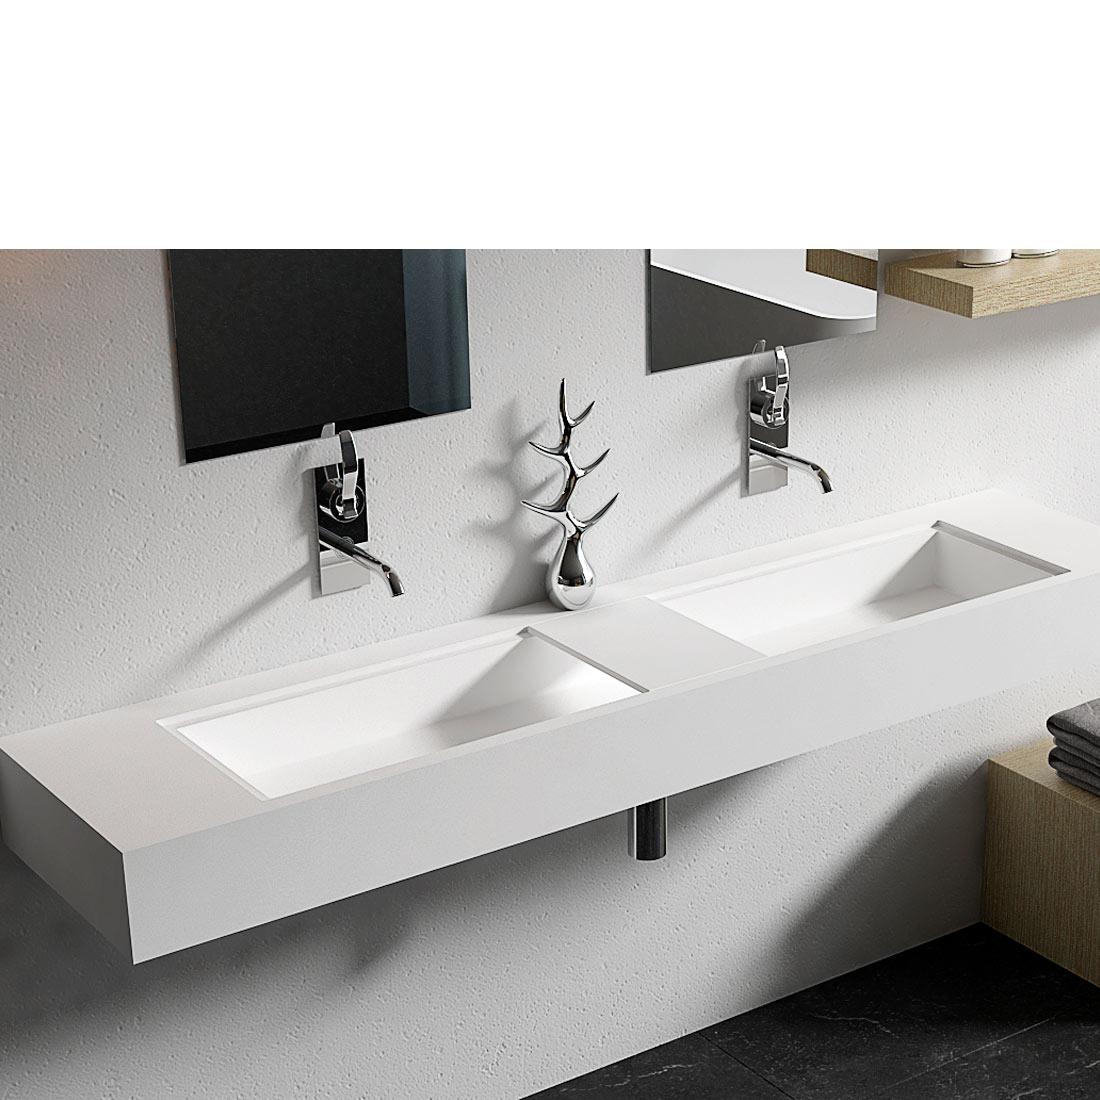 Birkholm tvättställ